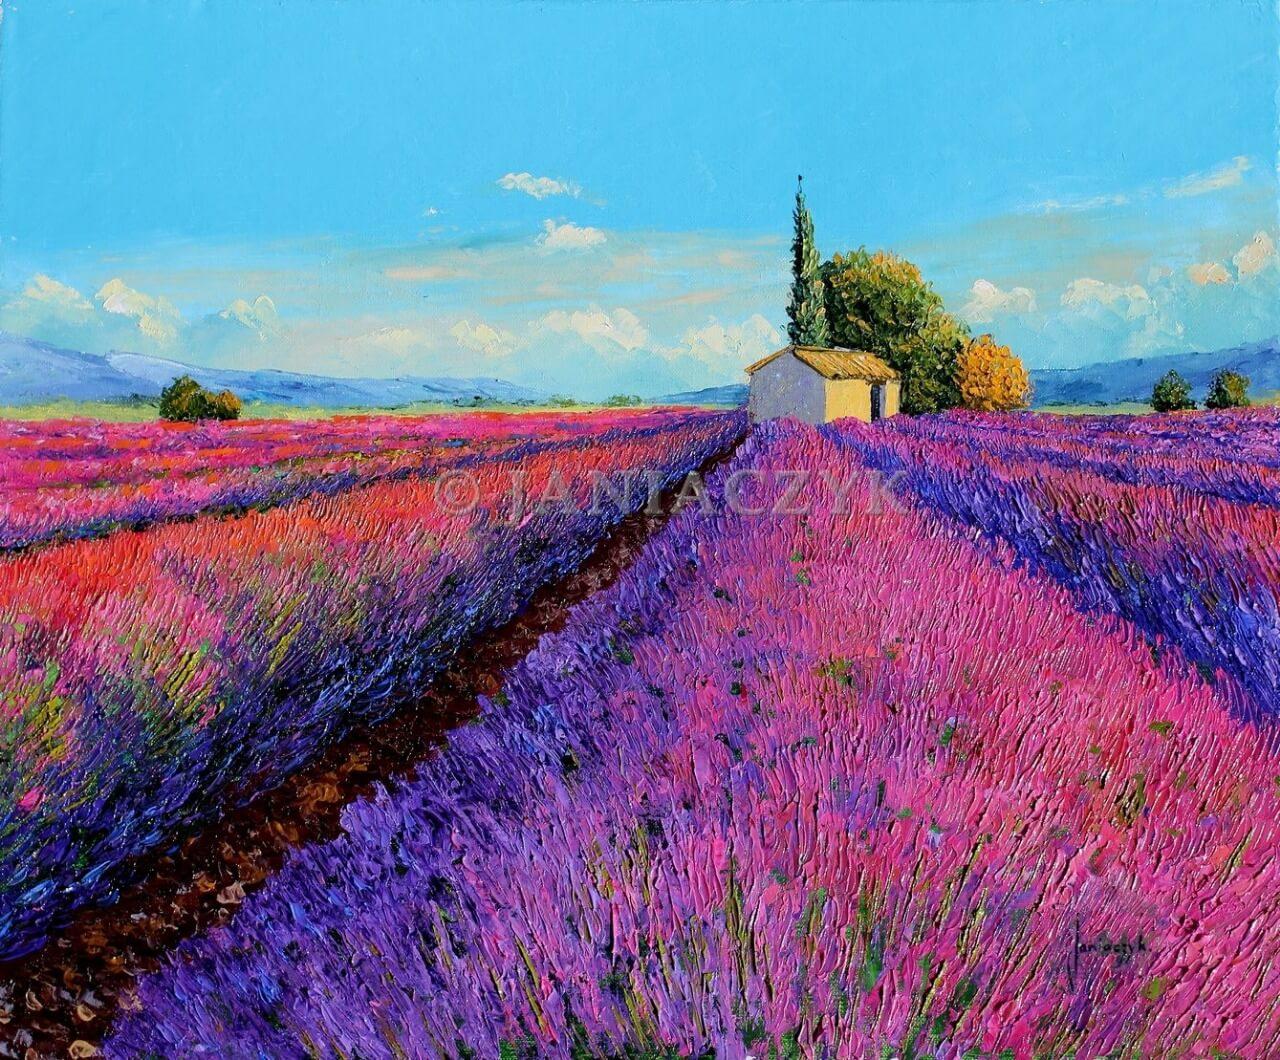 фото картин с лавандовым полем жадеит